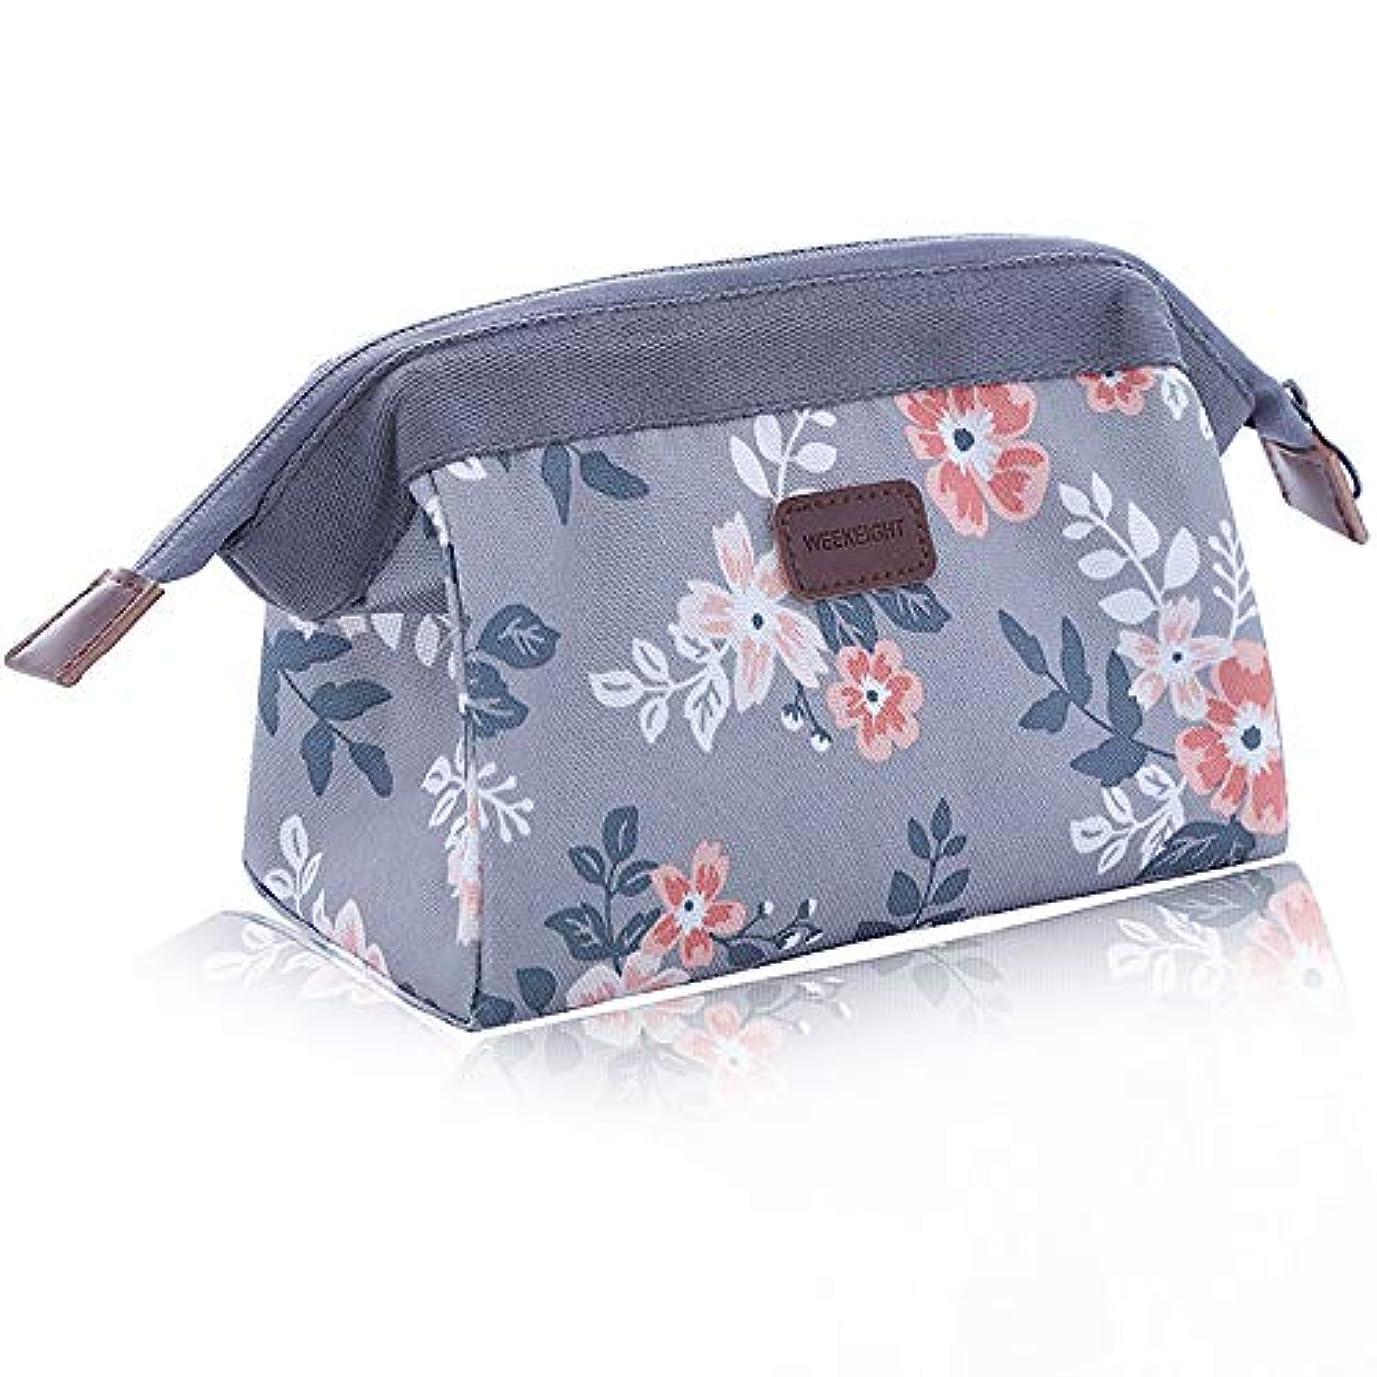 成熟したたまに母性化粧ポーチ コスメバッグ  コスメポーチ メイクポーチ 機能的 大容量 化粧品収納 小物入れ 普段使い 出張 旅行 メイクバッグ 化粧バッグ(グレー)